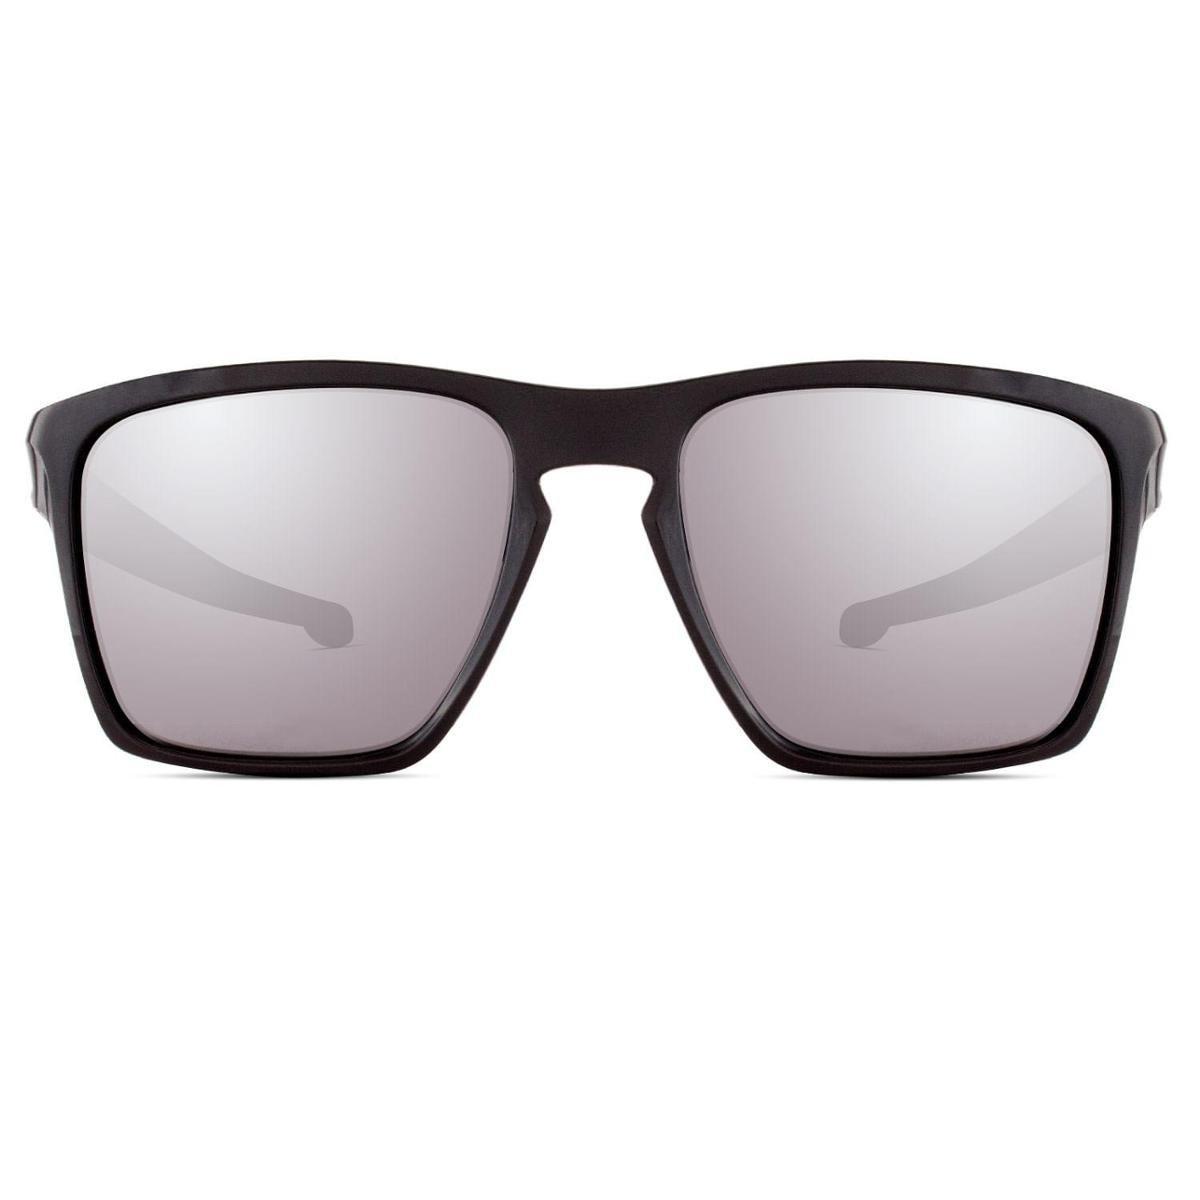 Óculos de Sol Oakley Sliver XL OO9341L 05-57 Masculino - Compre Agora    Netshoes 4bfc092a3a